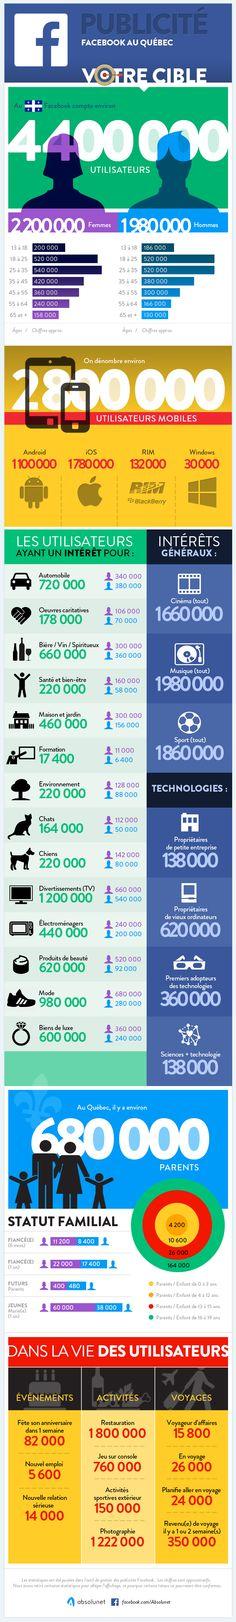 L'audience des publicités sur Facebook au Québec en une infographie (Octobre 2013)